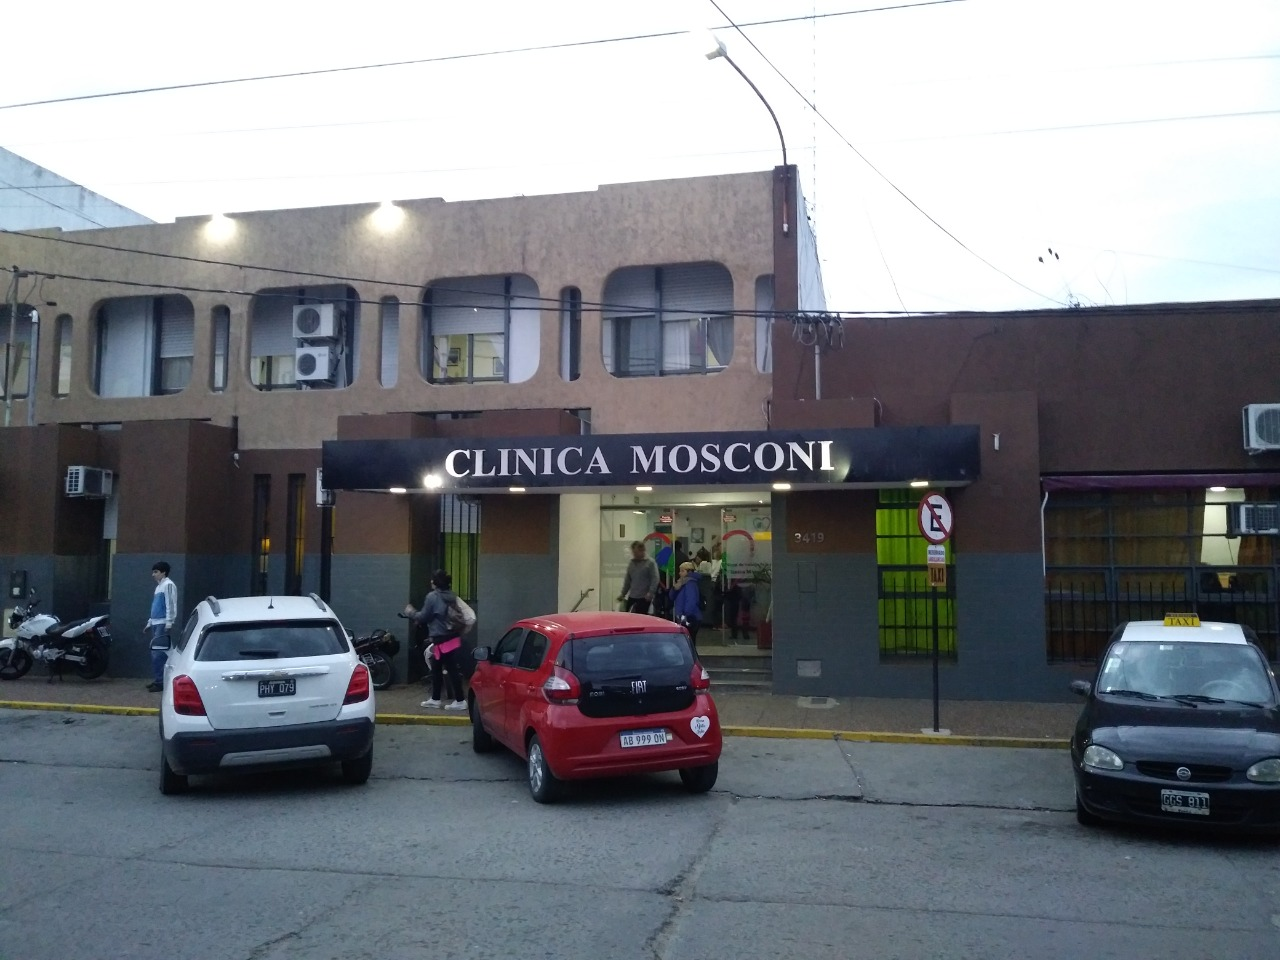 Clínica Mosconi: Horarios, consultas y recetas